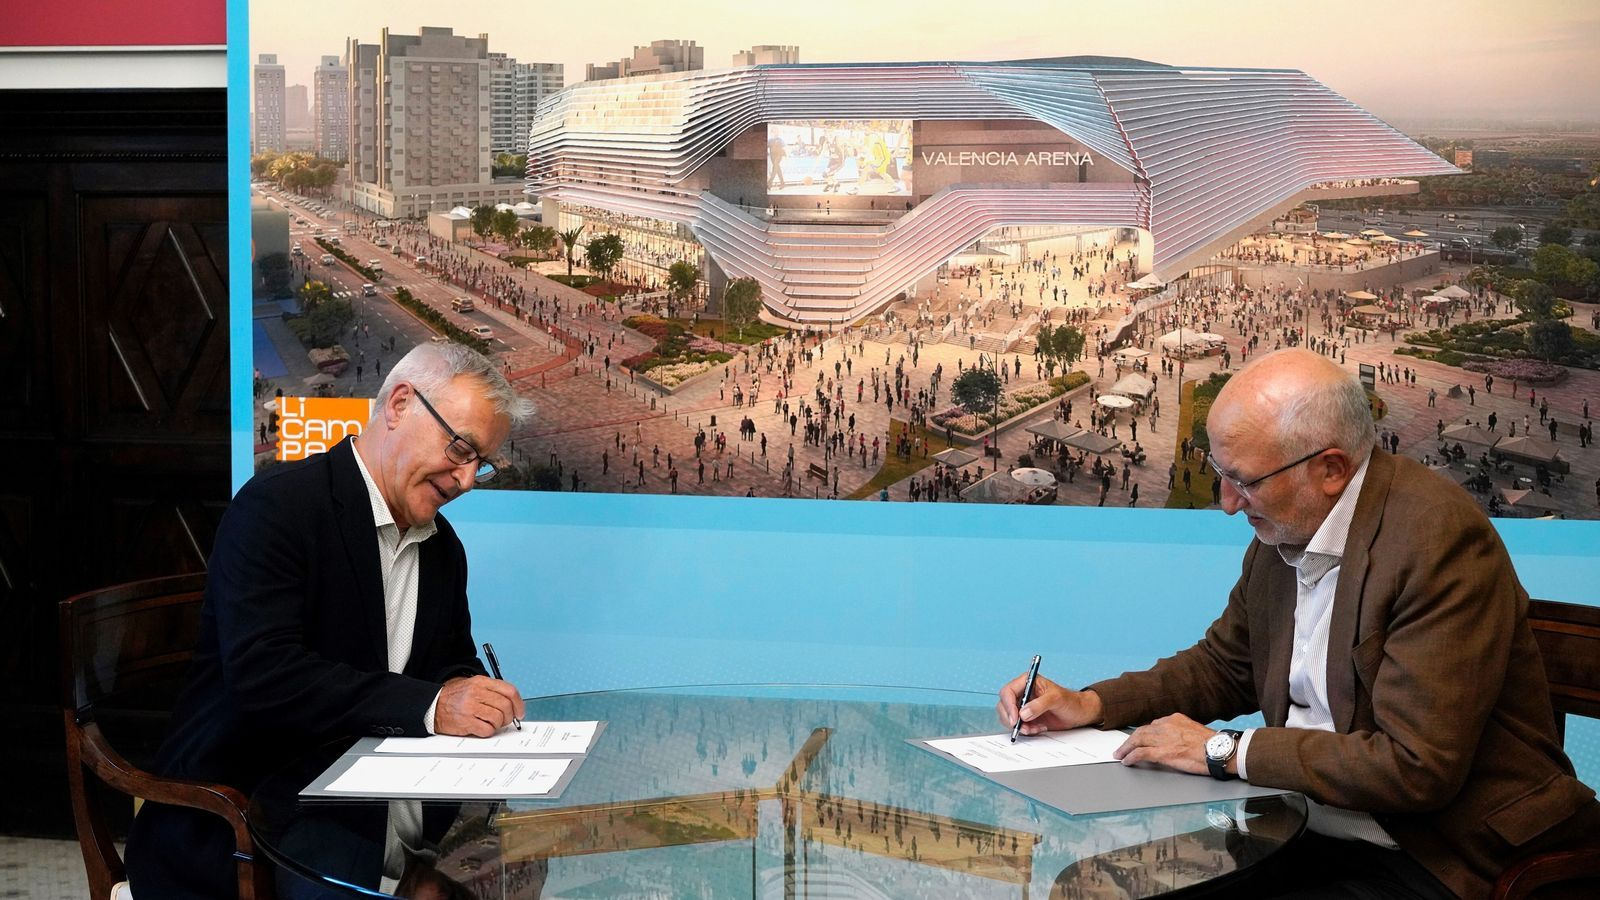 L'alcalde de València, Joan Ribó (e), i l'empresari Juan Roig (d), propietari de Mercadona, durant la signatura de l'acord per a la construcció del nou pavelló de la ciutat, aleshores anomenat València Arena